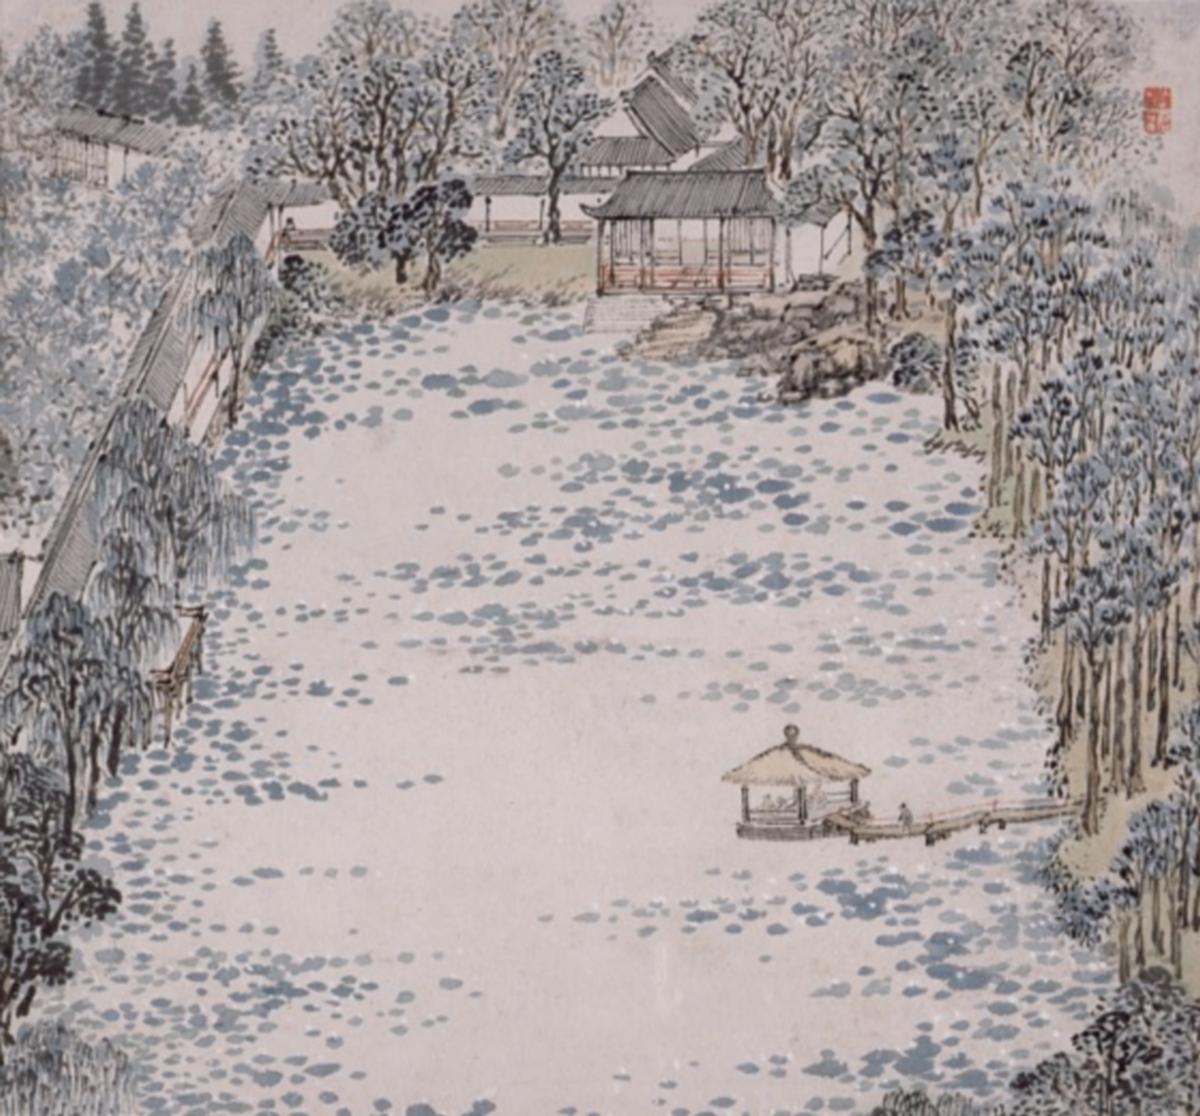 Peintures de Zhi Garden, feuilles d'album, encre et couleur sur papier, Zhang Hong